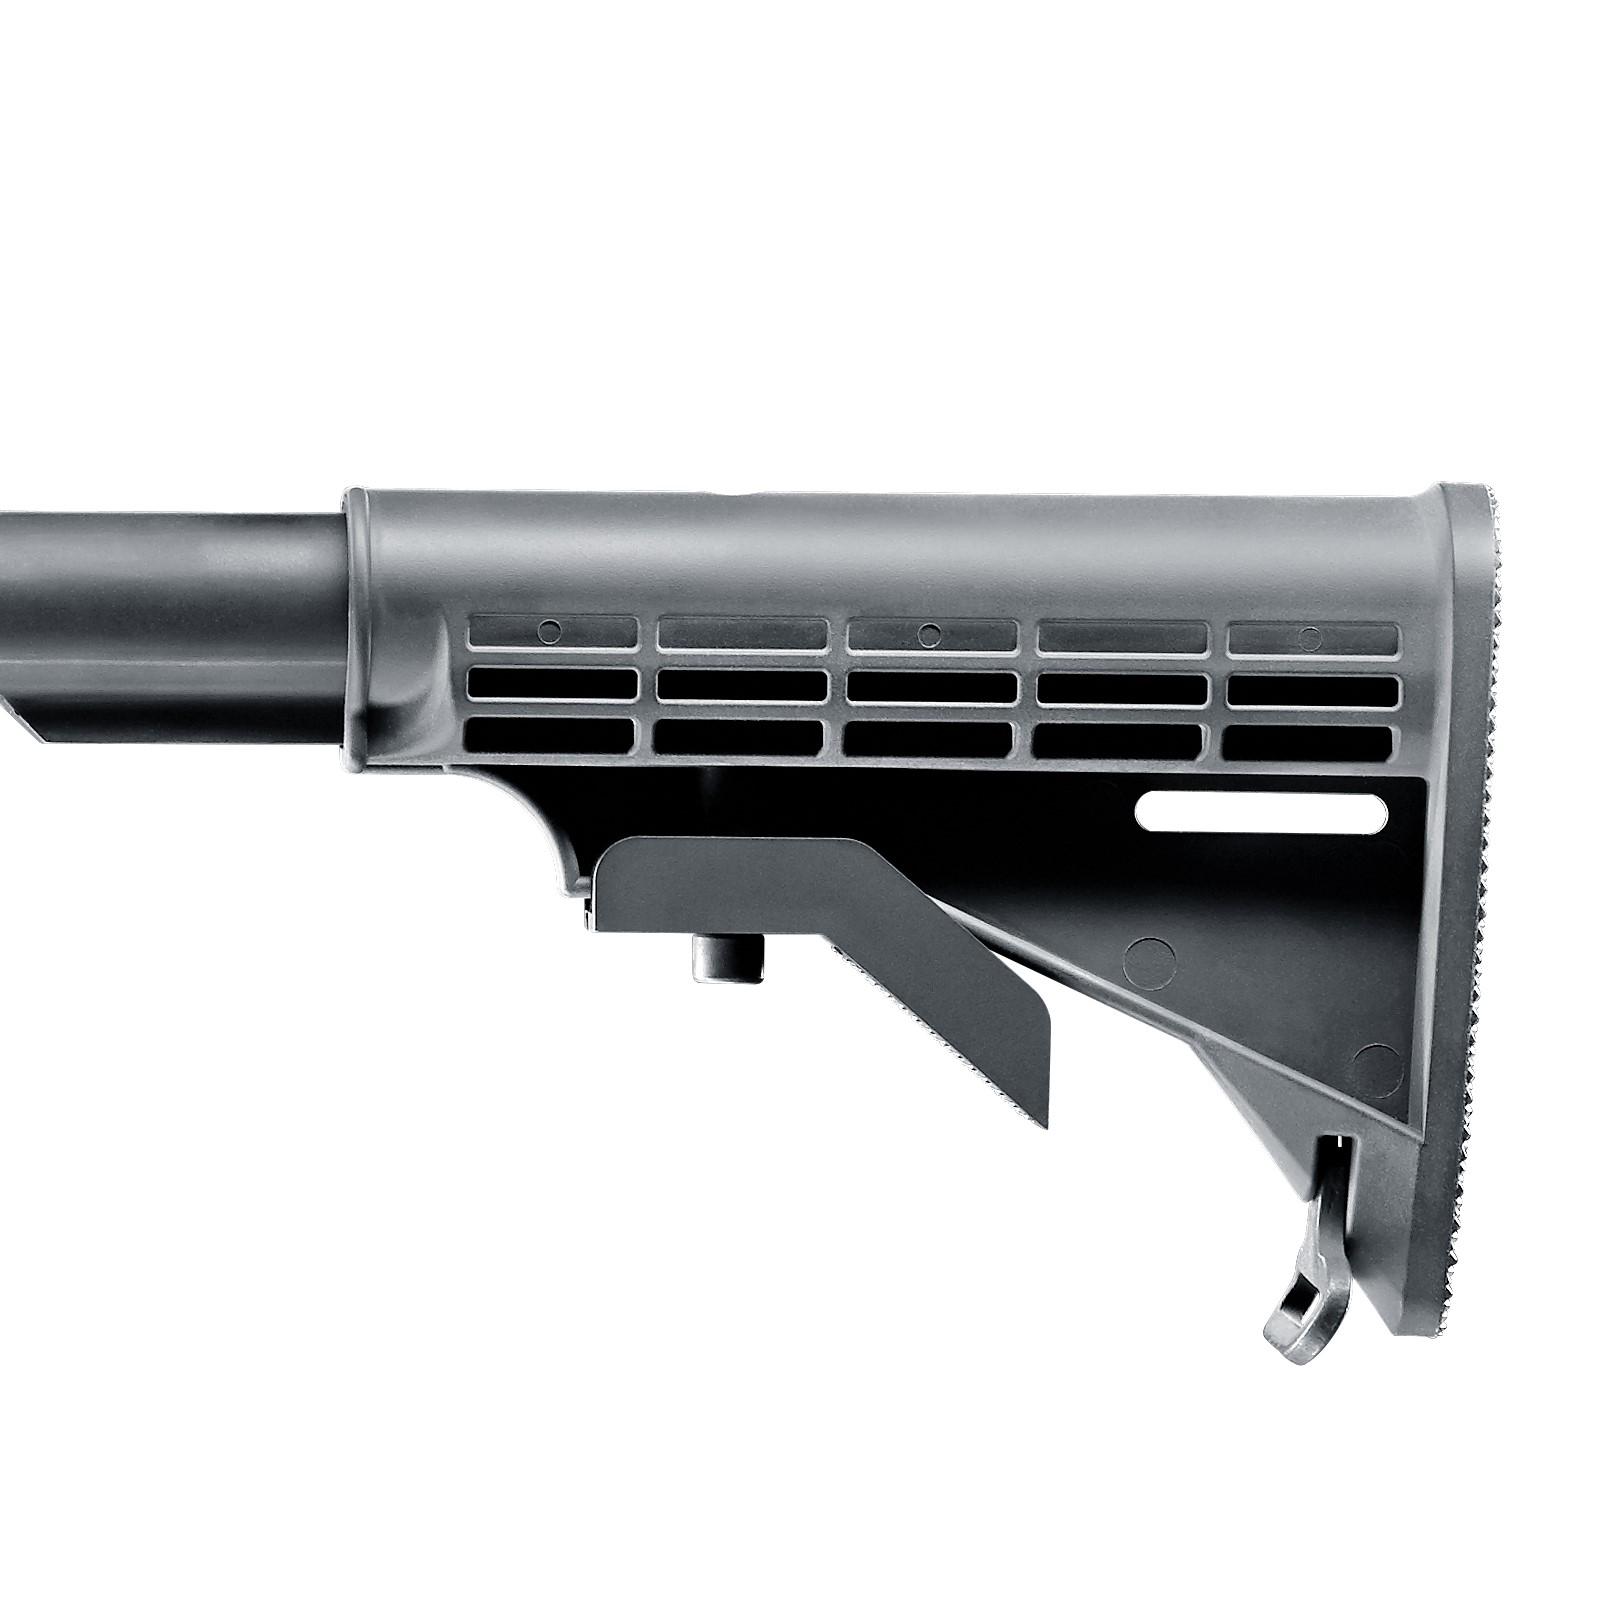 Bild Nr. 07 T4E TM4 RIS Schwarz Carabiner PLUS